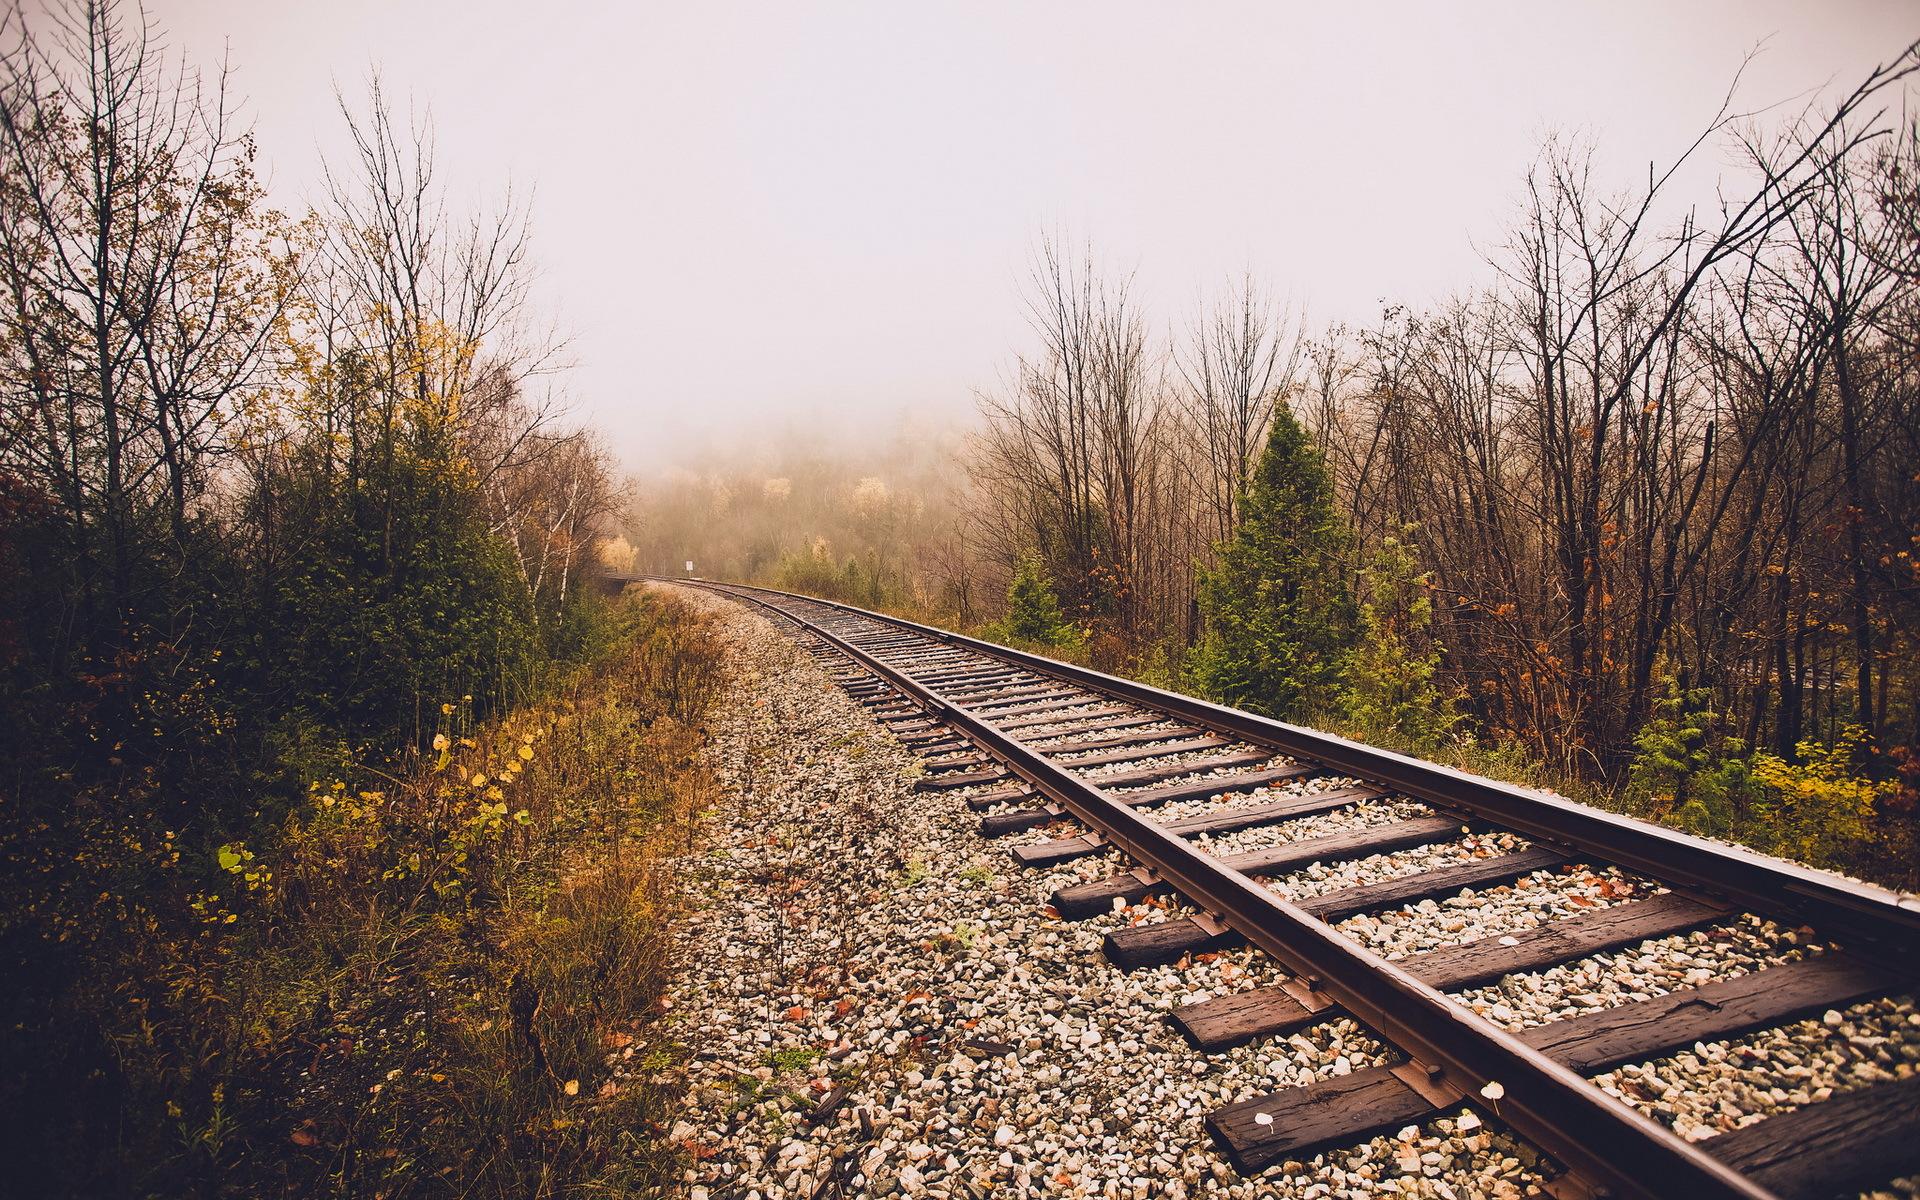 рельсы железная дорога деревья туннель  № 3118436 загрузить